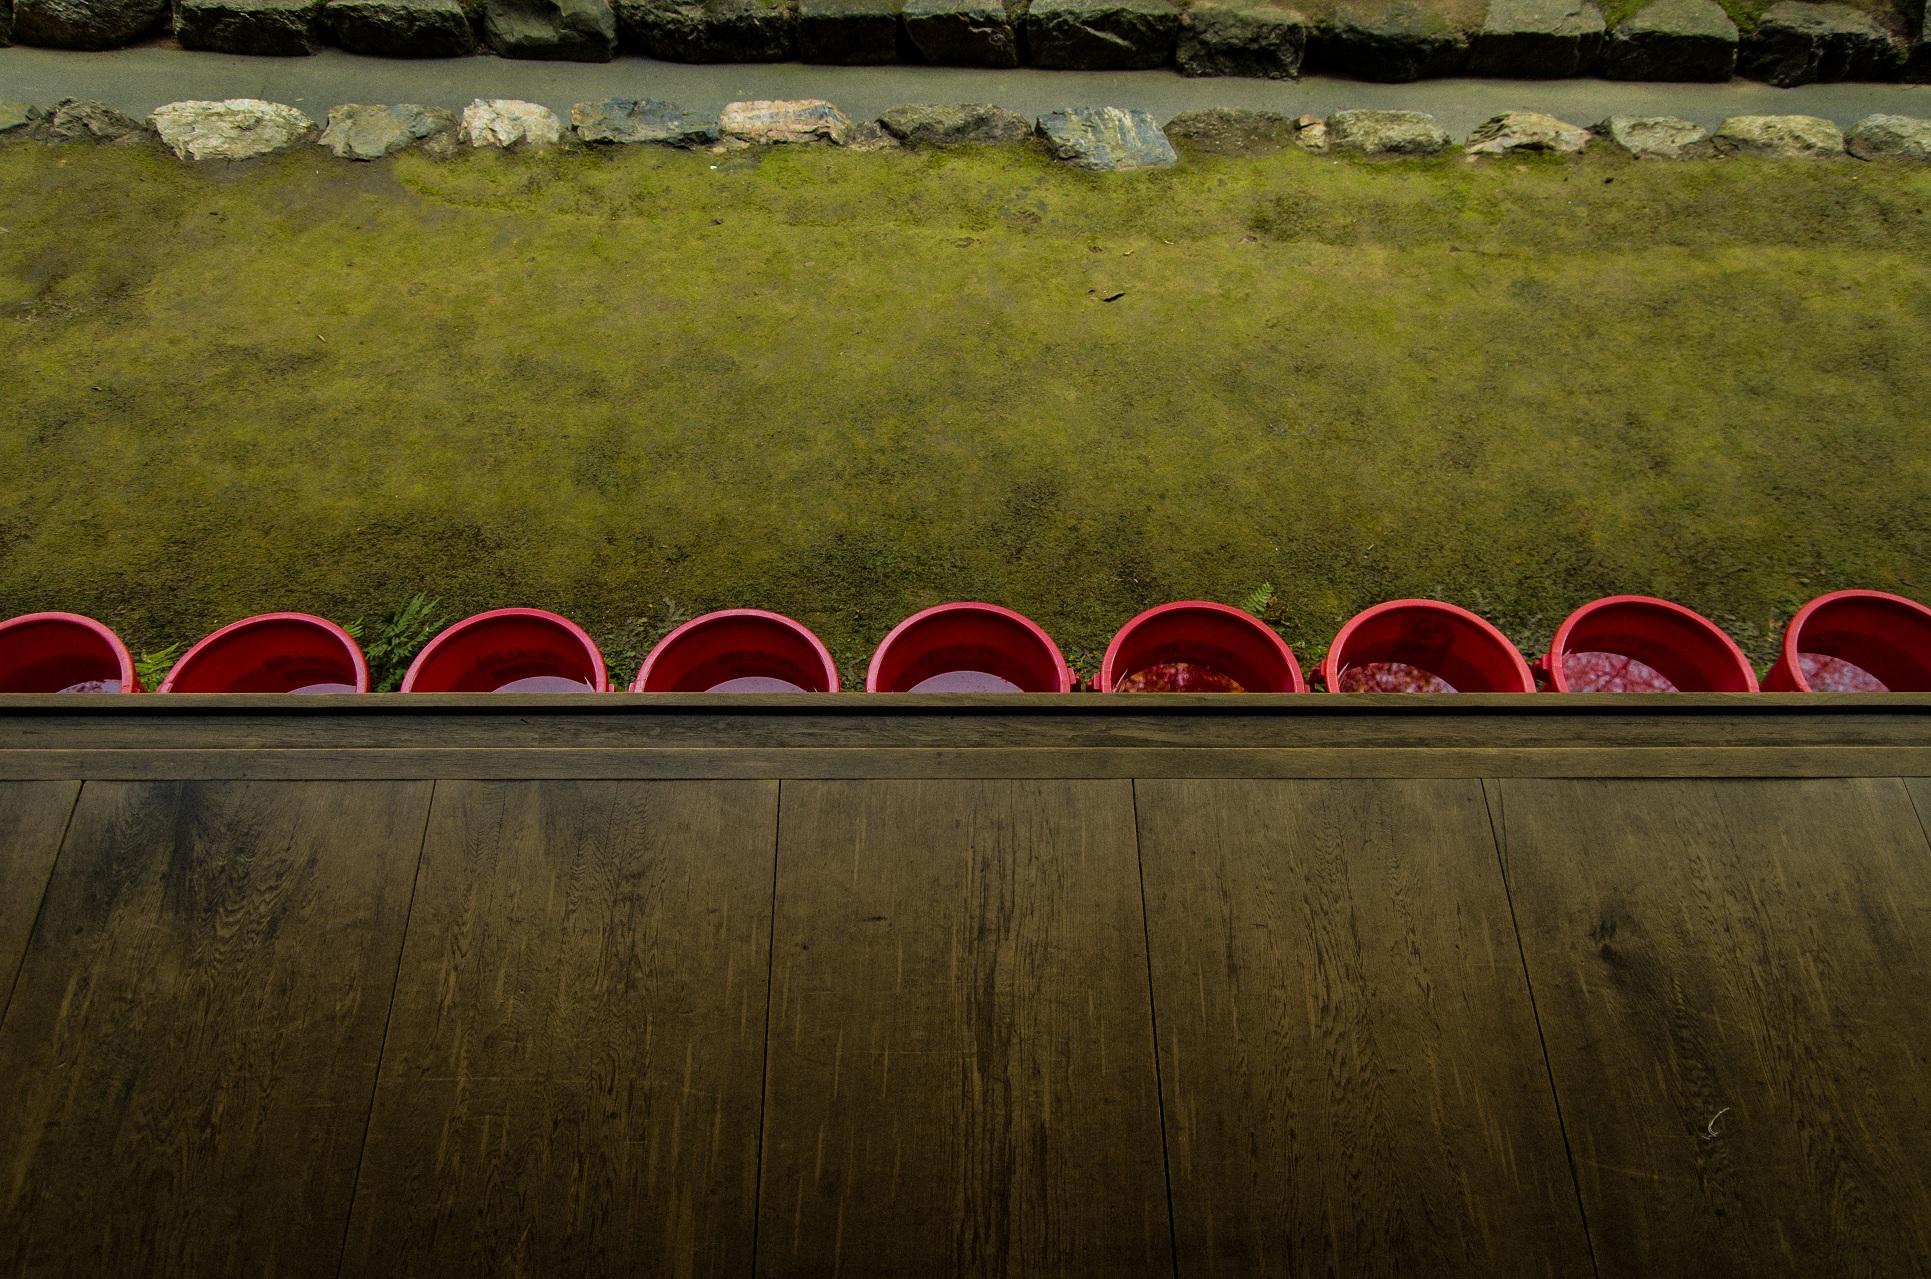 redbuckets.jpg